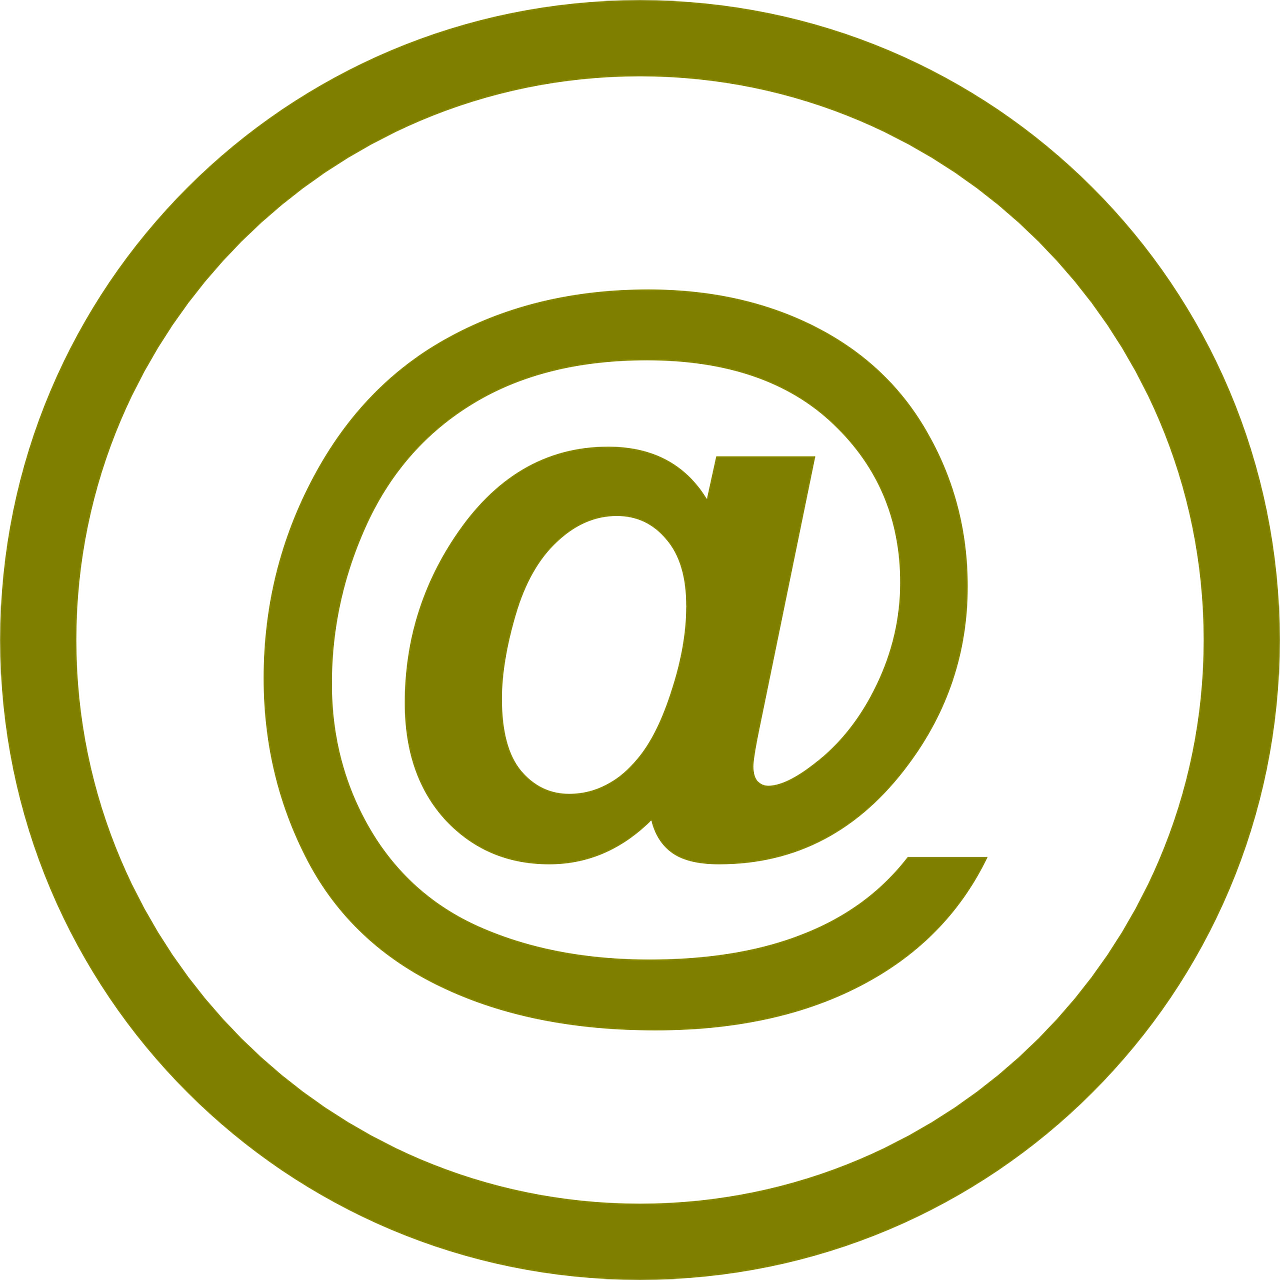 symbol, email, at